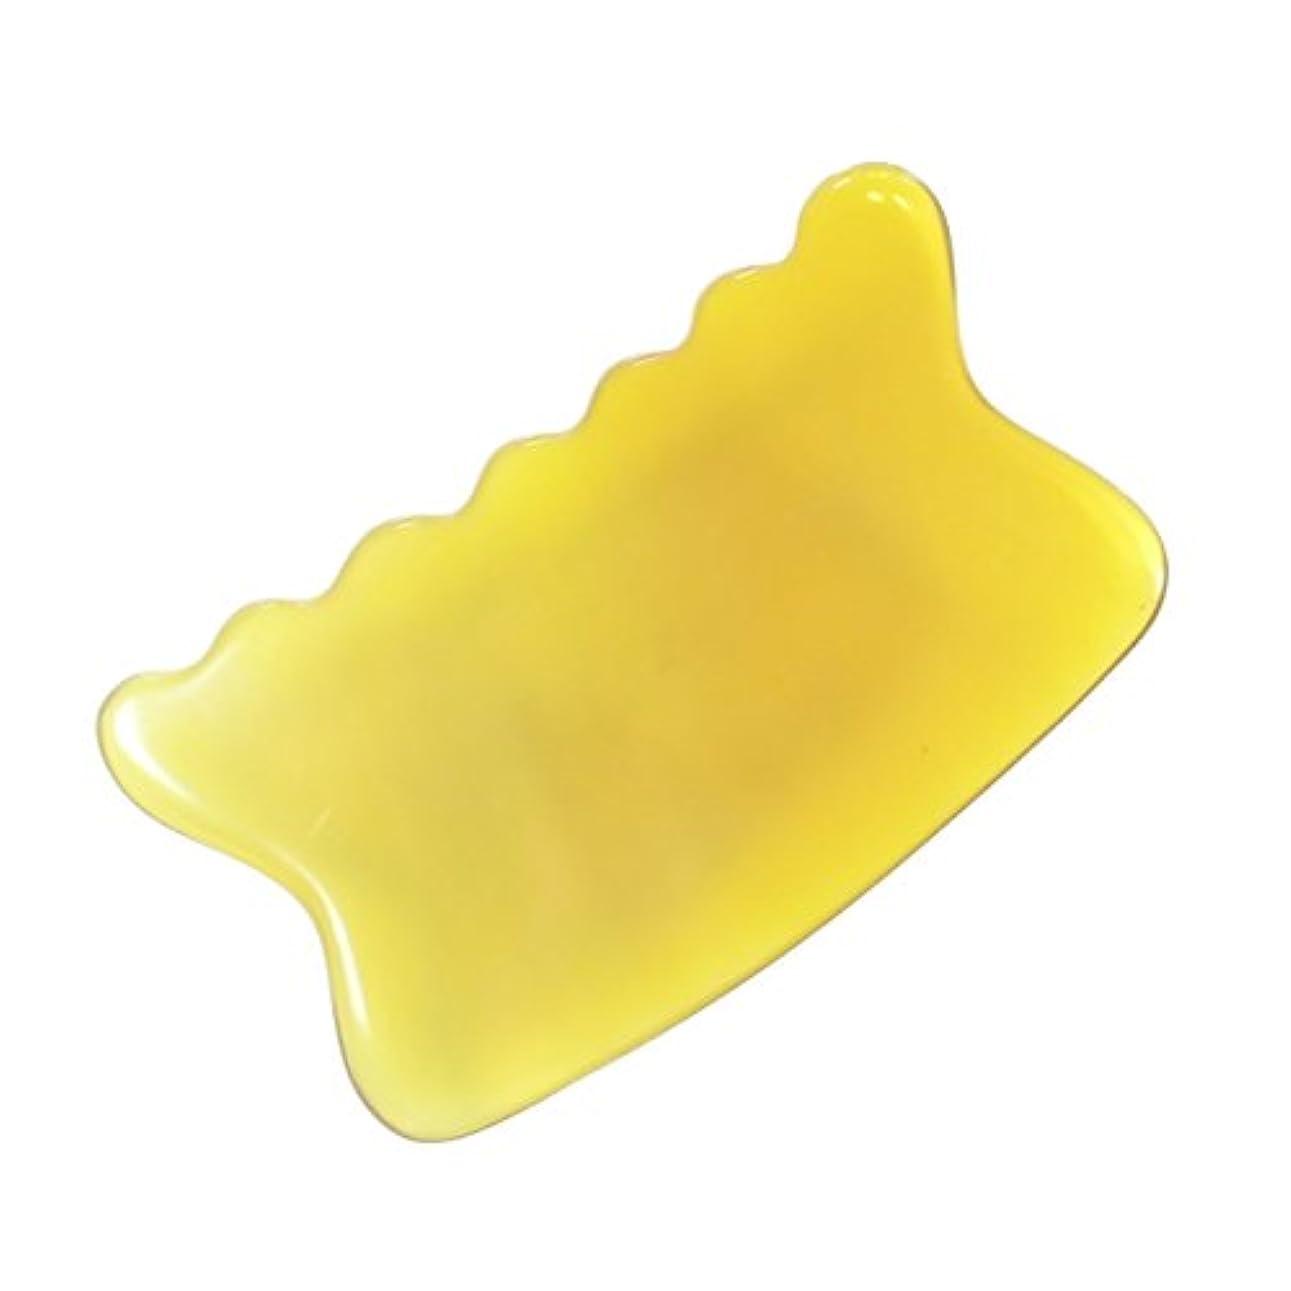 舌レイアウトスリチンモイかっさ プレート 希少55 黄水牛角 極美品 曲波型